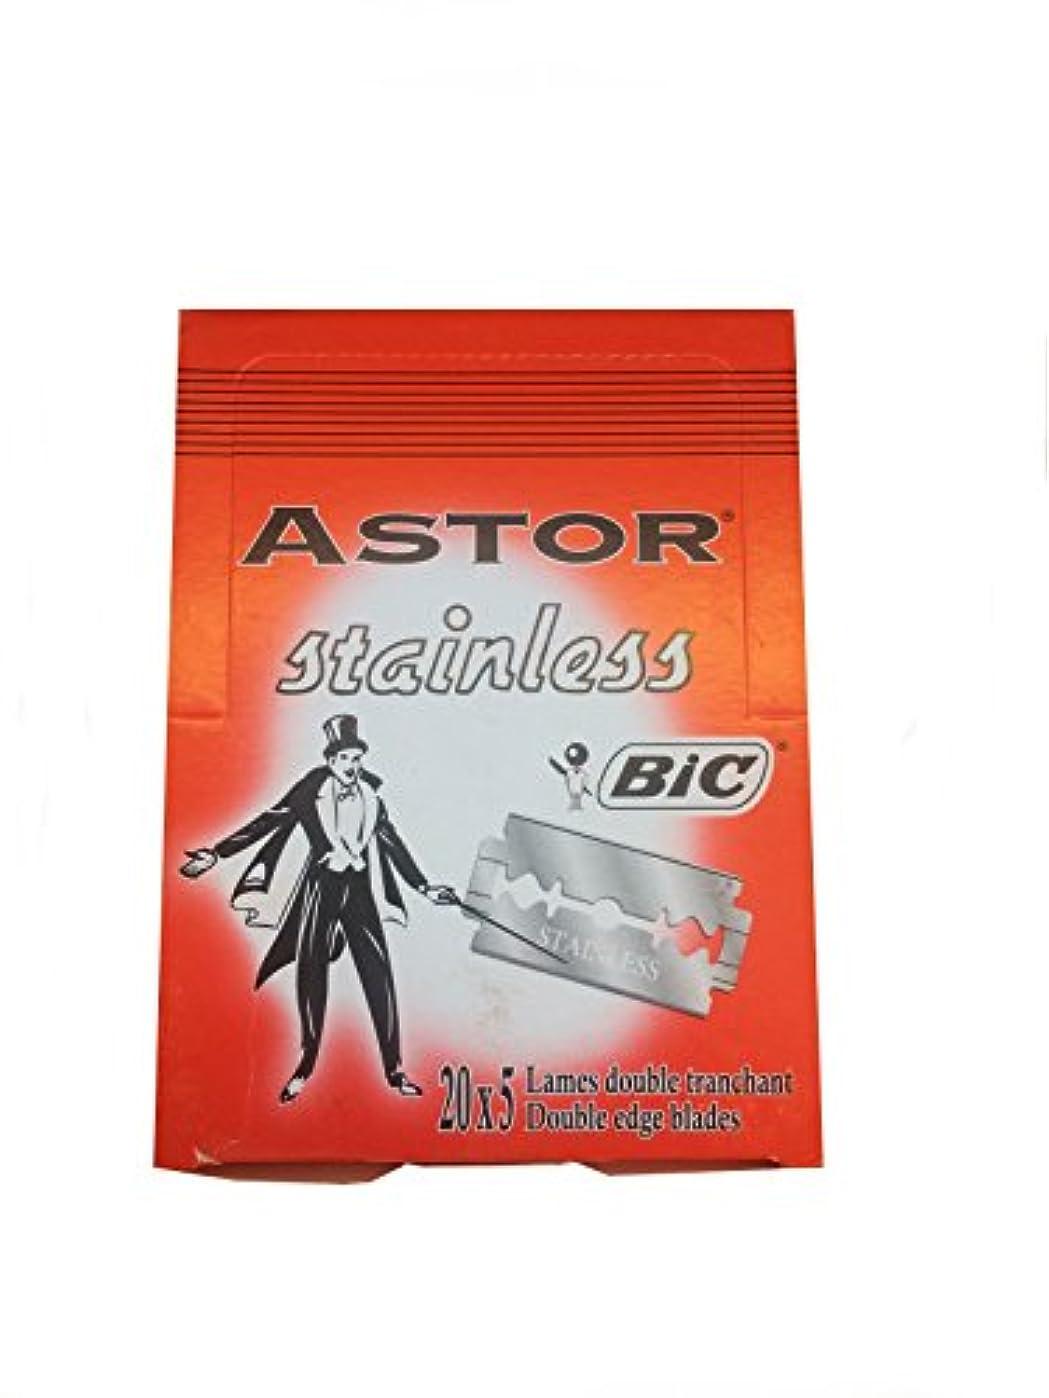 事件、出来事ラッシュ大理石BIC Astor Stainless 両刃替刃 100枚入り(5枚入り20 個セット)【並行輸入品】